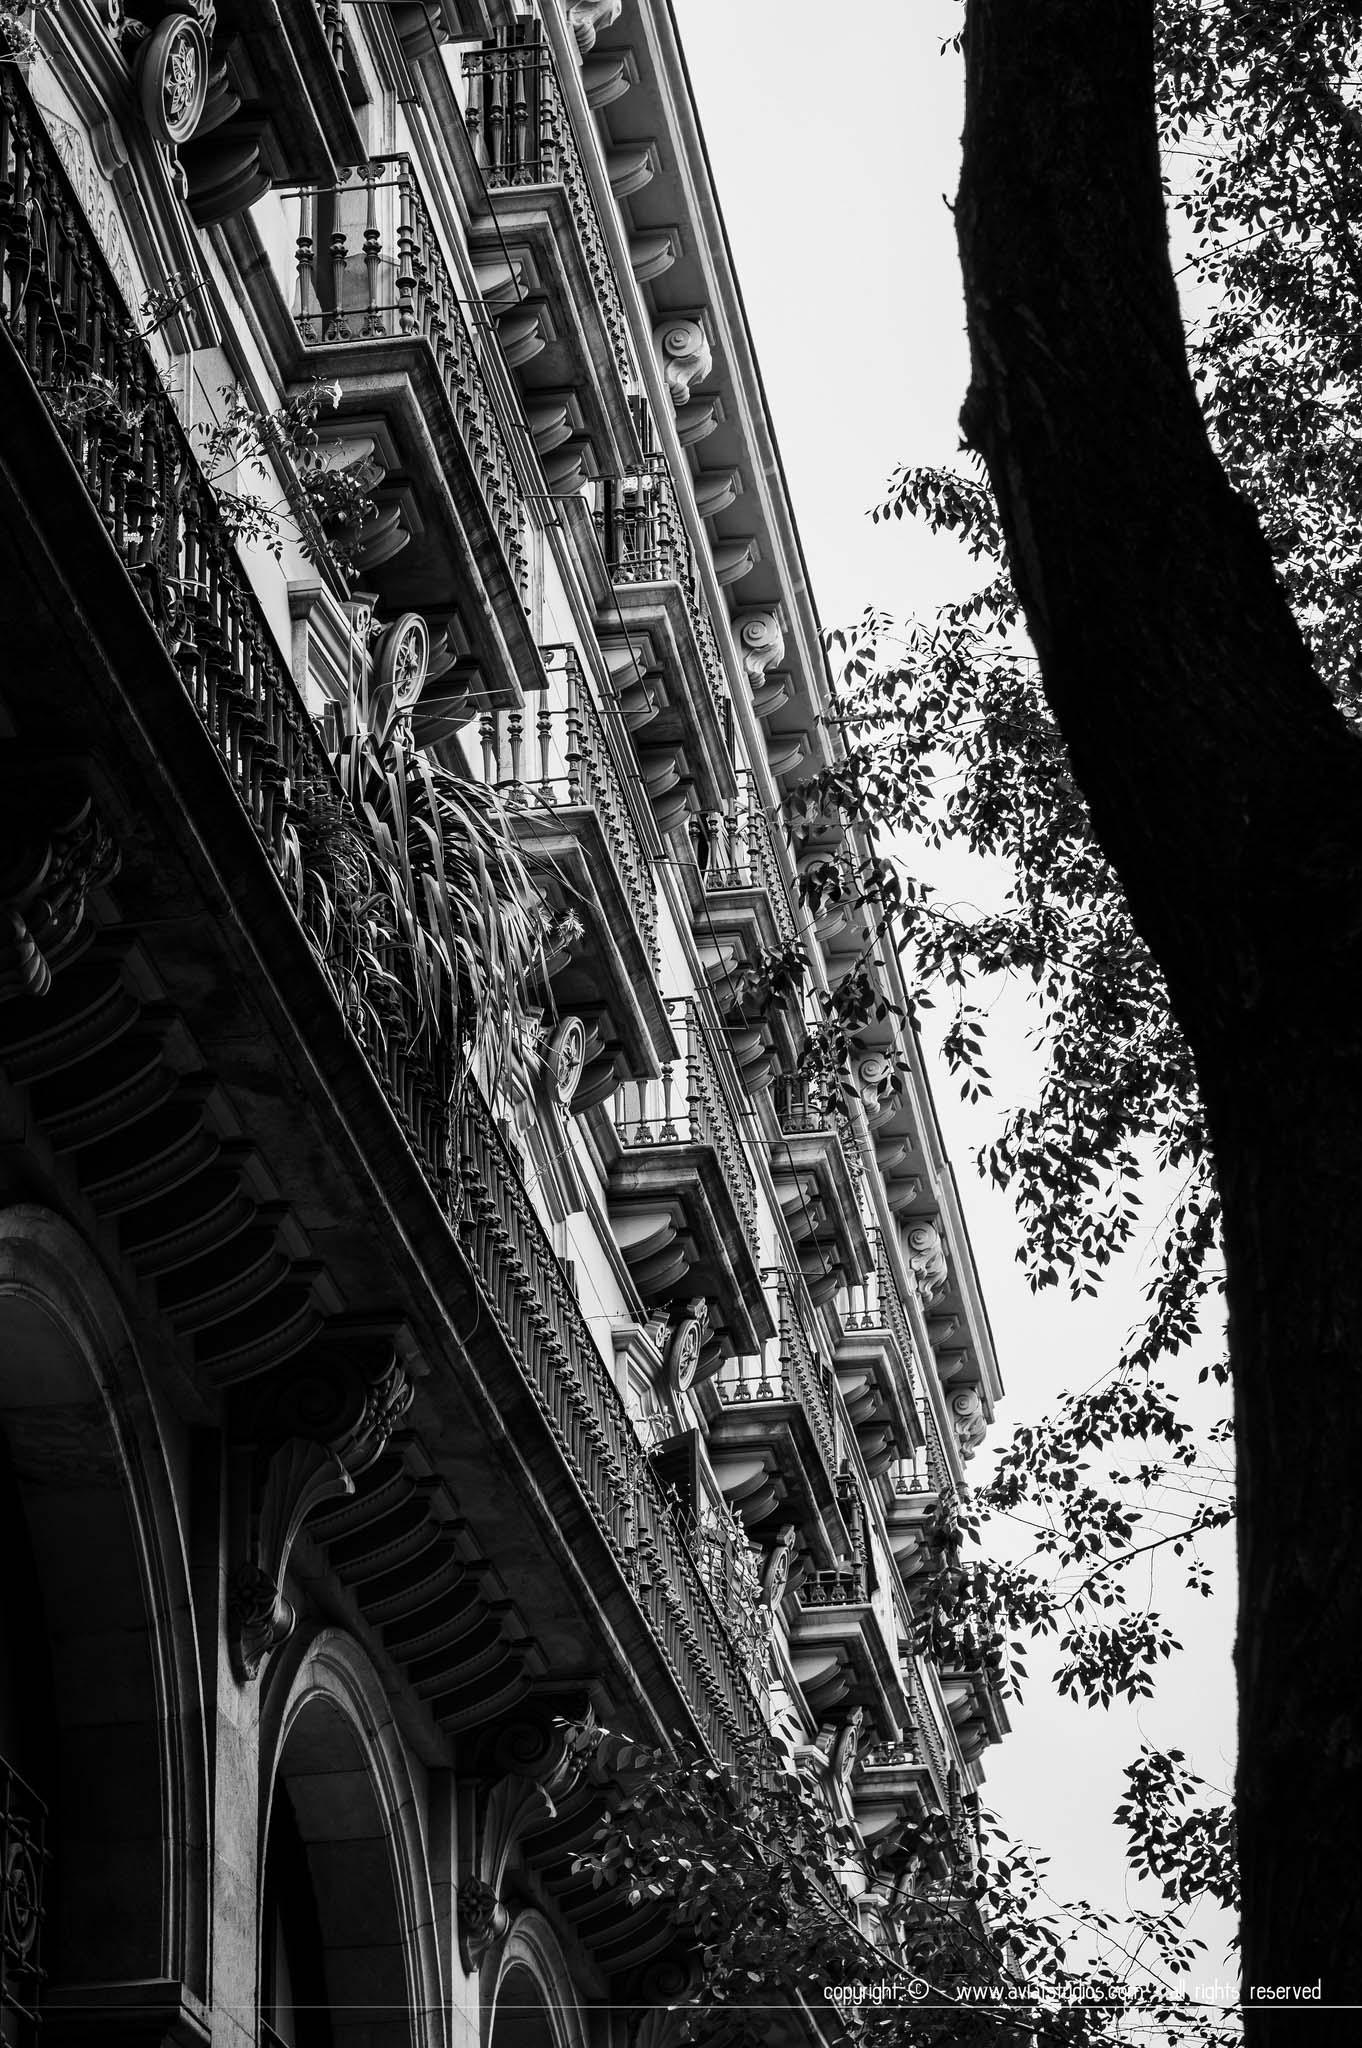 Une photo représentant bien l'identité visuelle de Barcelone